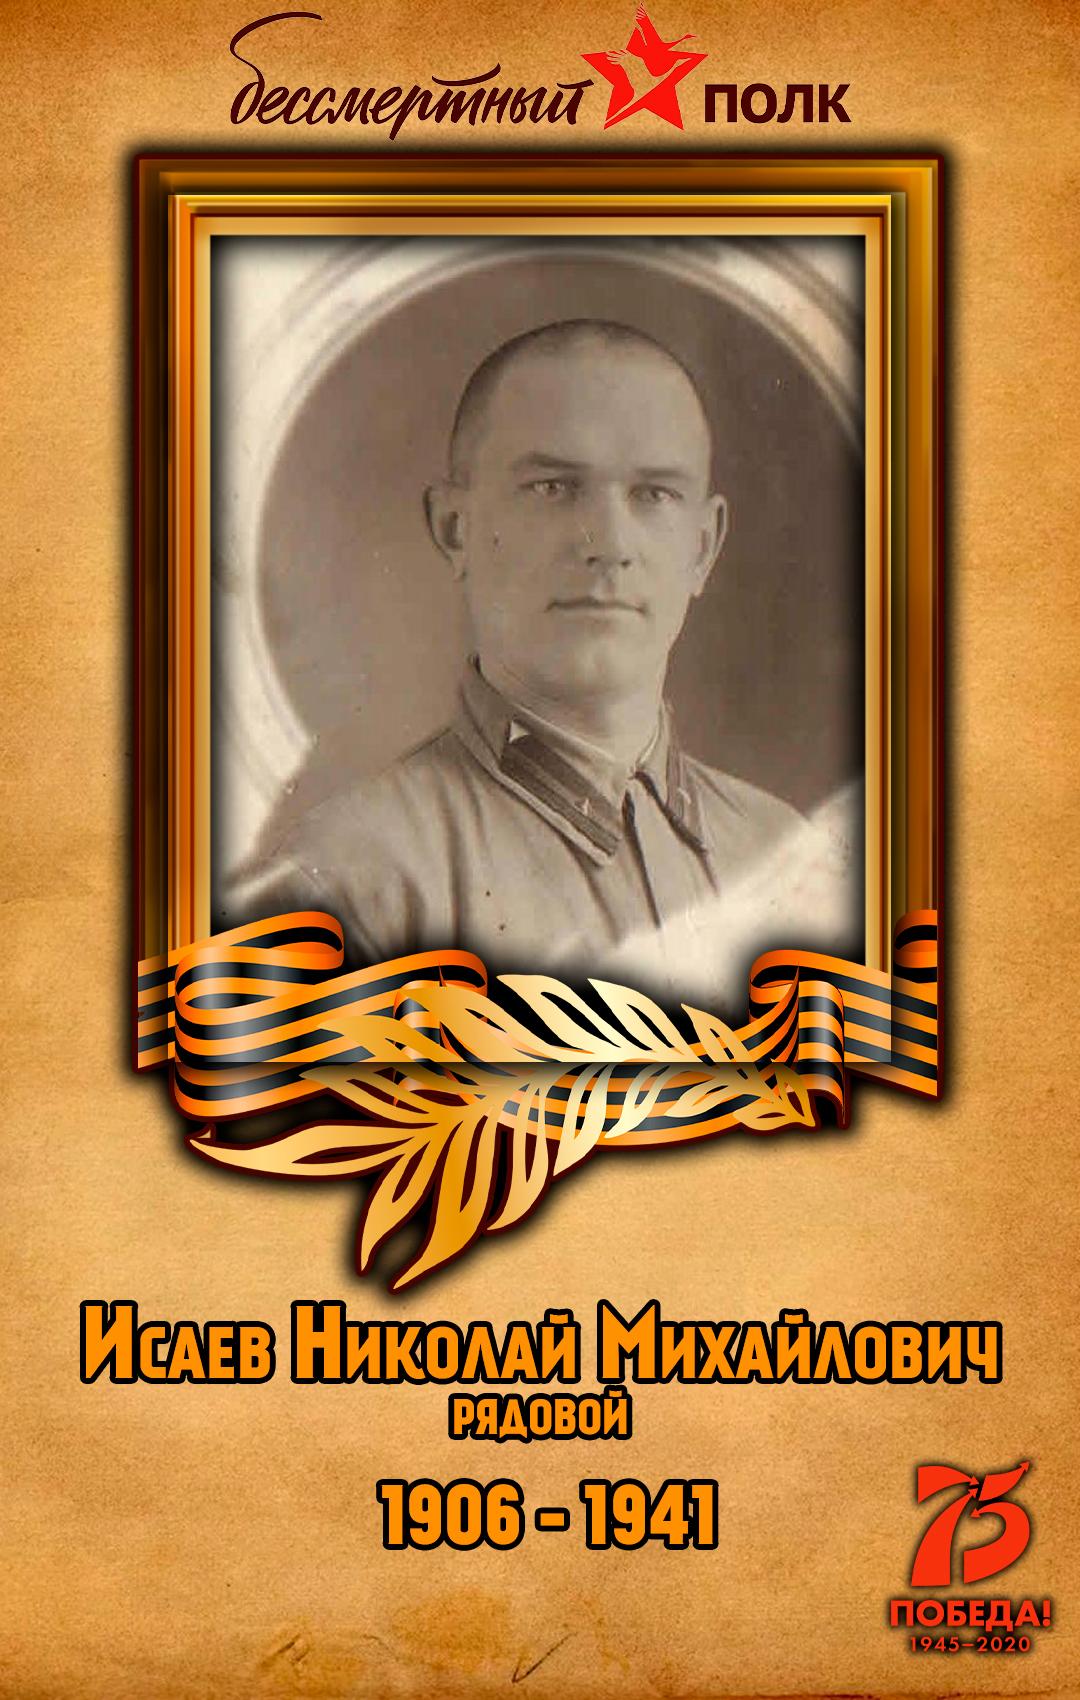 Исаев-Николай-Михайлович